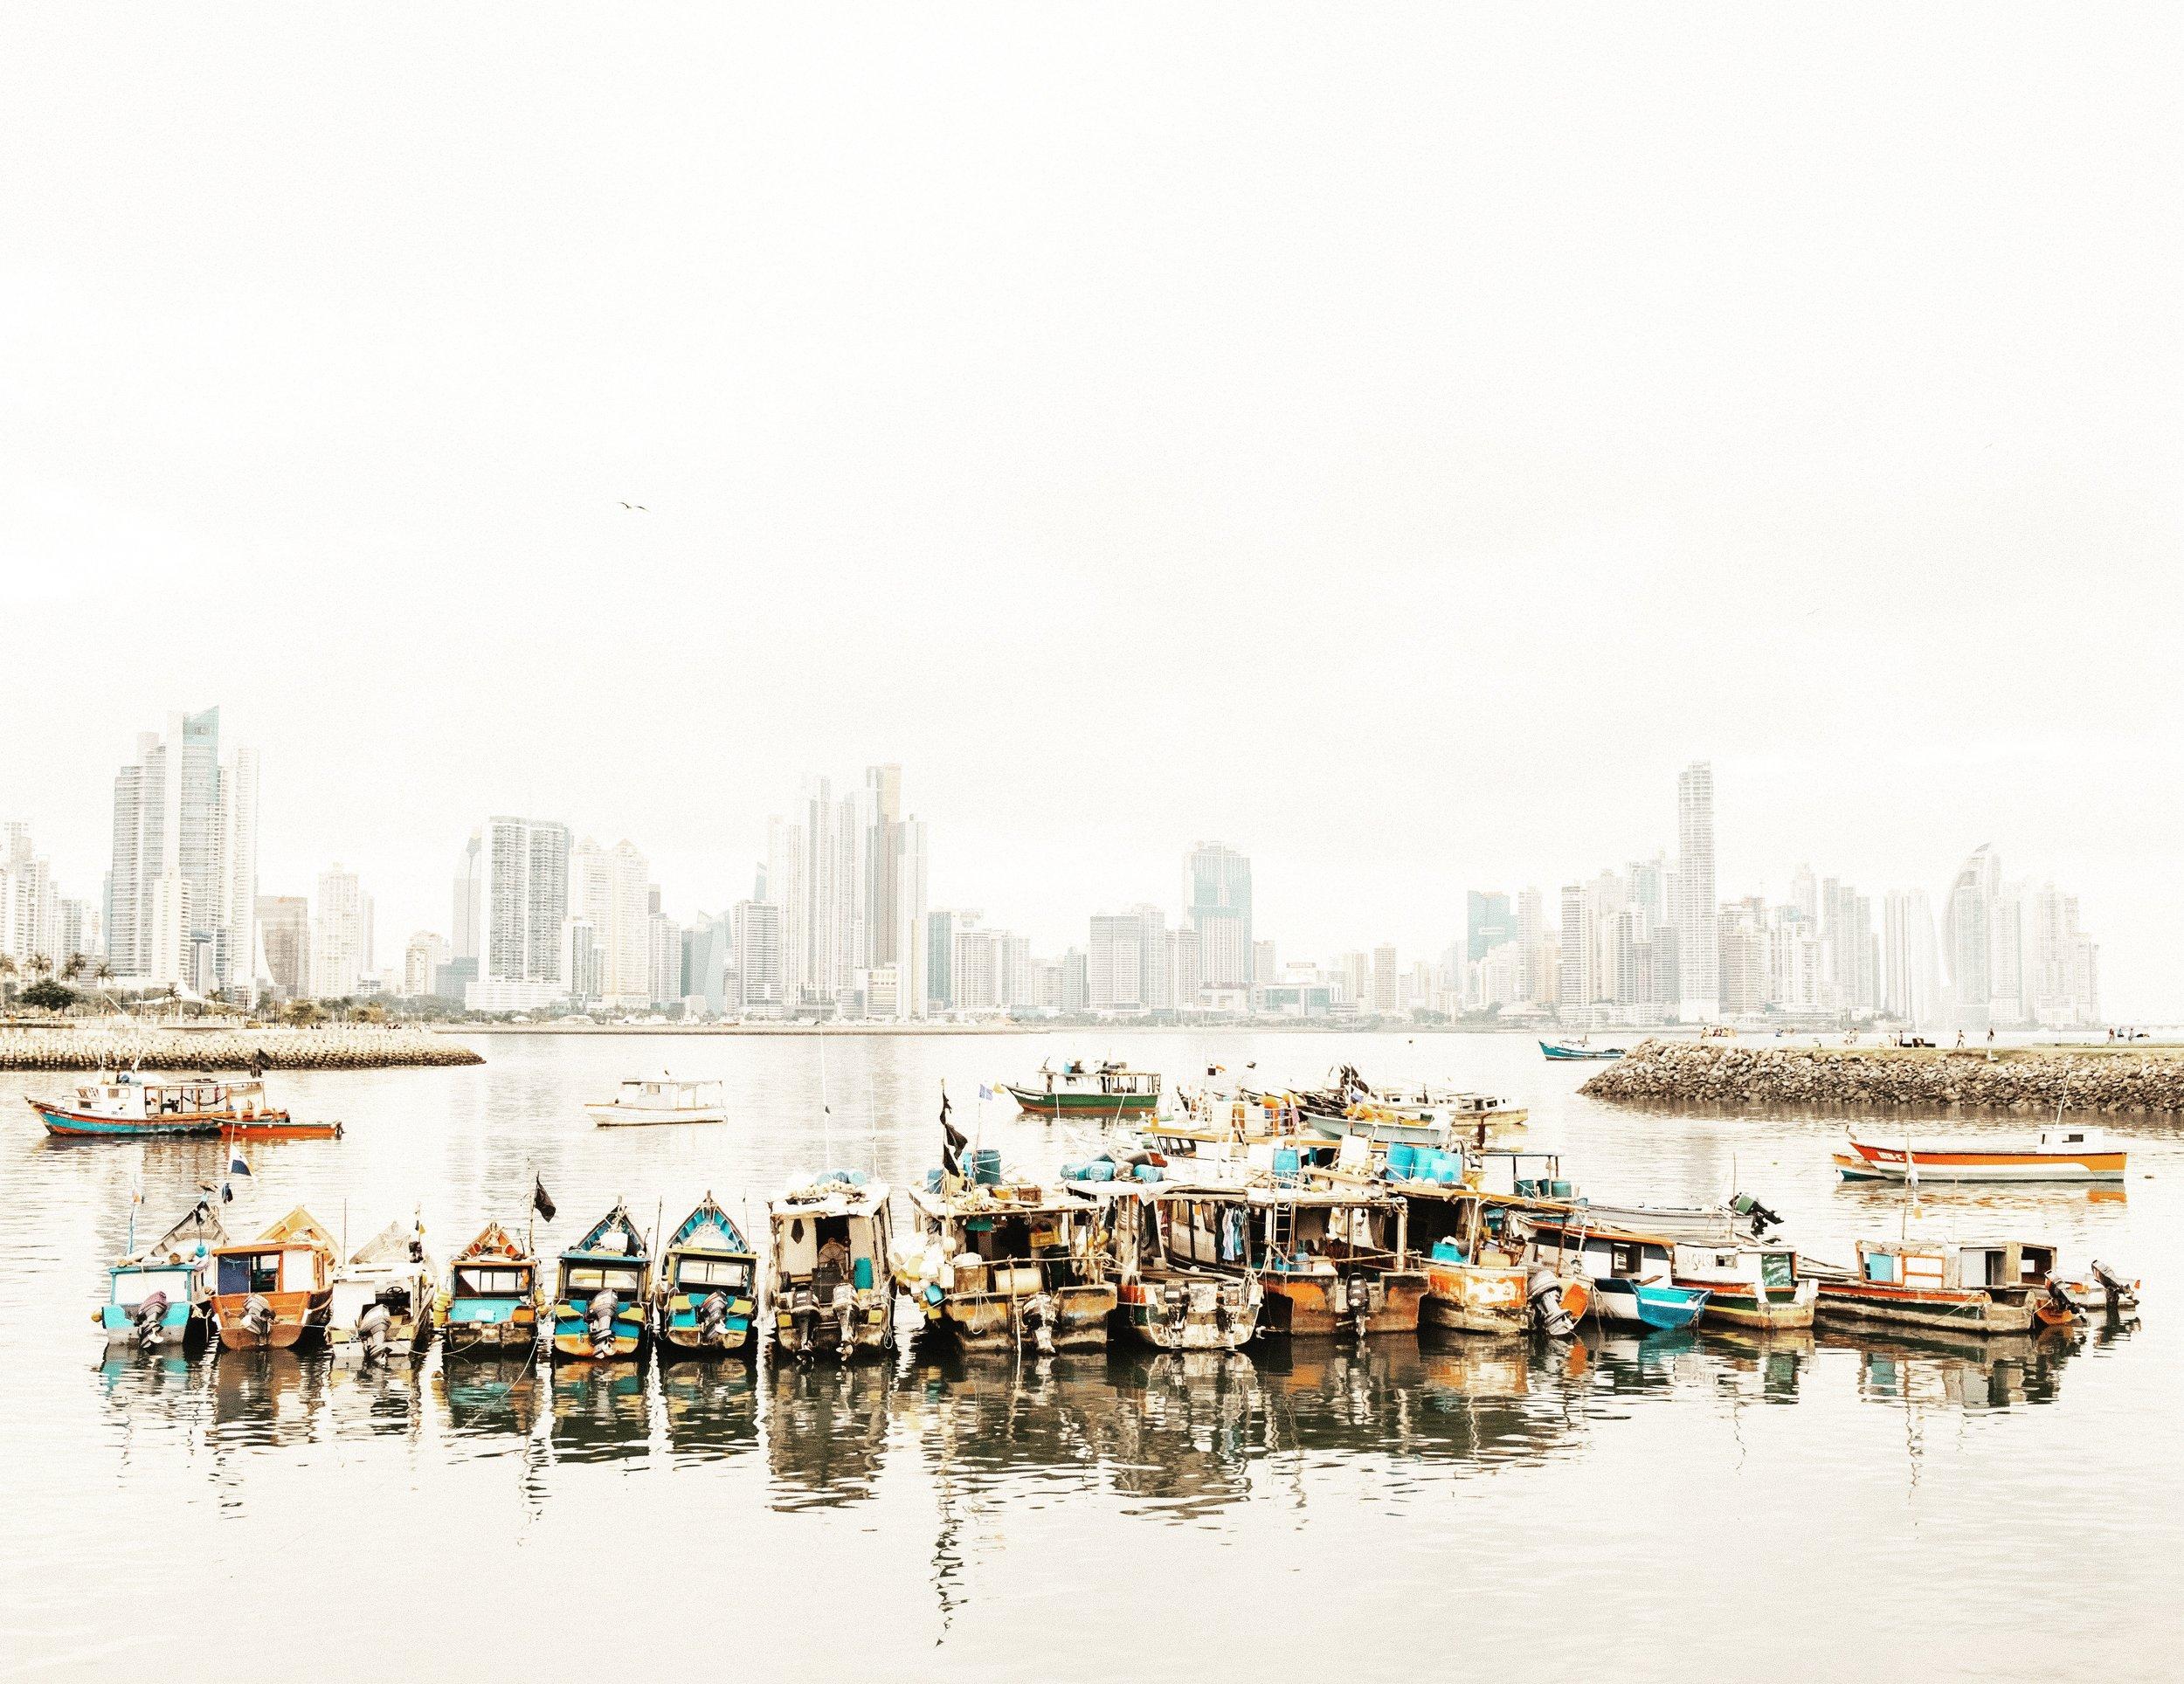 Panama City, between luxury building skyline and poor fishermen.